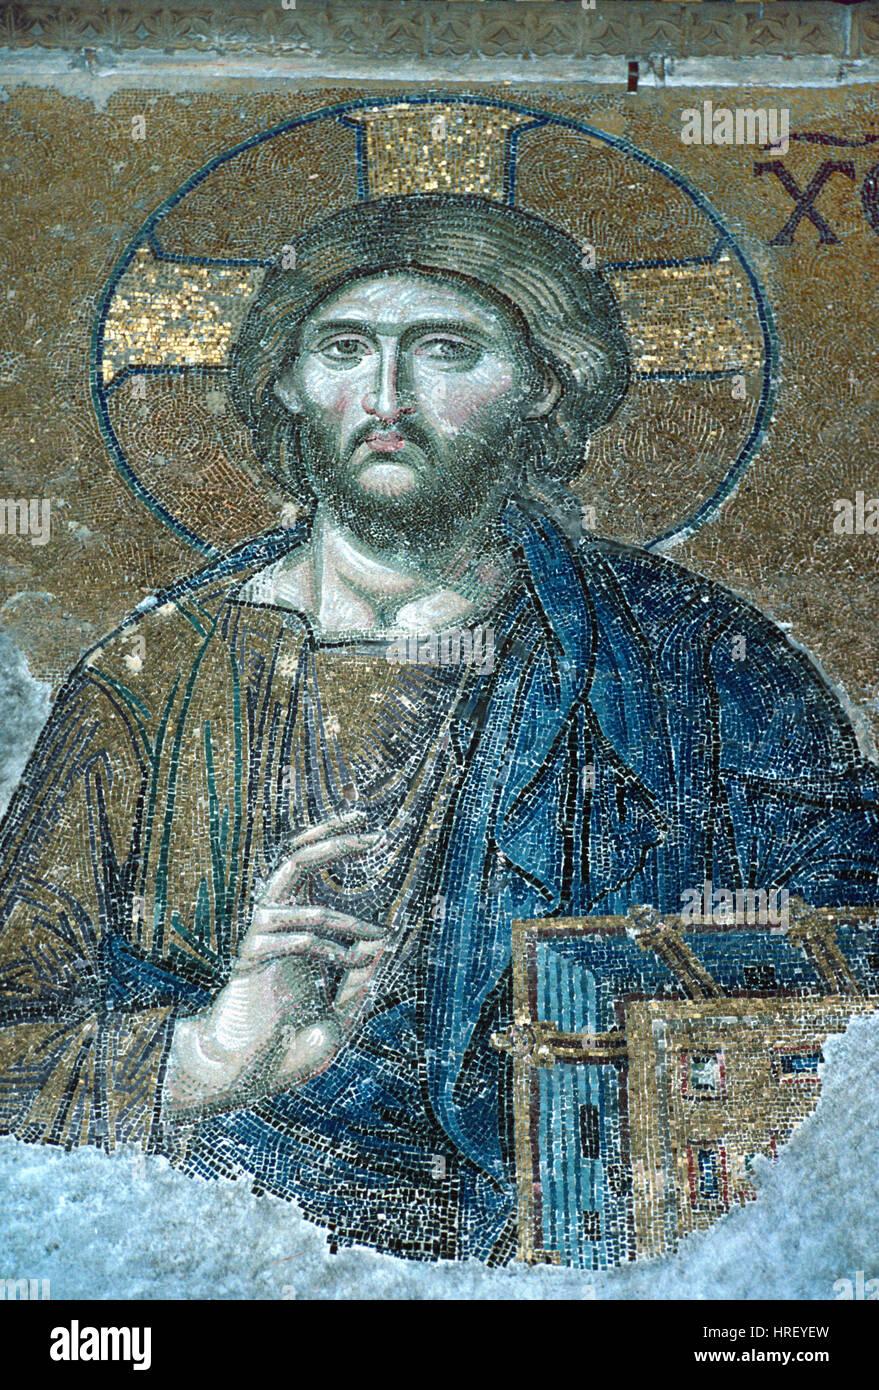 Gesù Cristo o Cristo Pantocratore tenendo una Bibbia mosaico bizantino (c1261) parte del Mosaico Deësis nell'Hagia Sophia, Sancta Sophia o Aya Sophia Chiesa o Basilica Istanbul Turchia Foto Stock